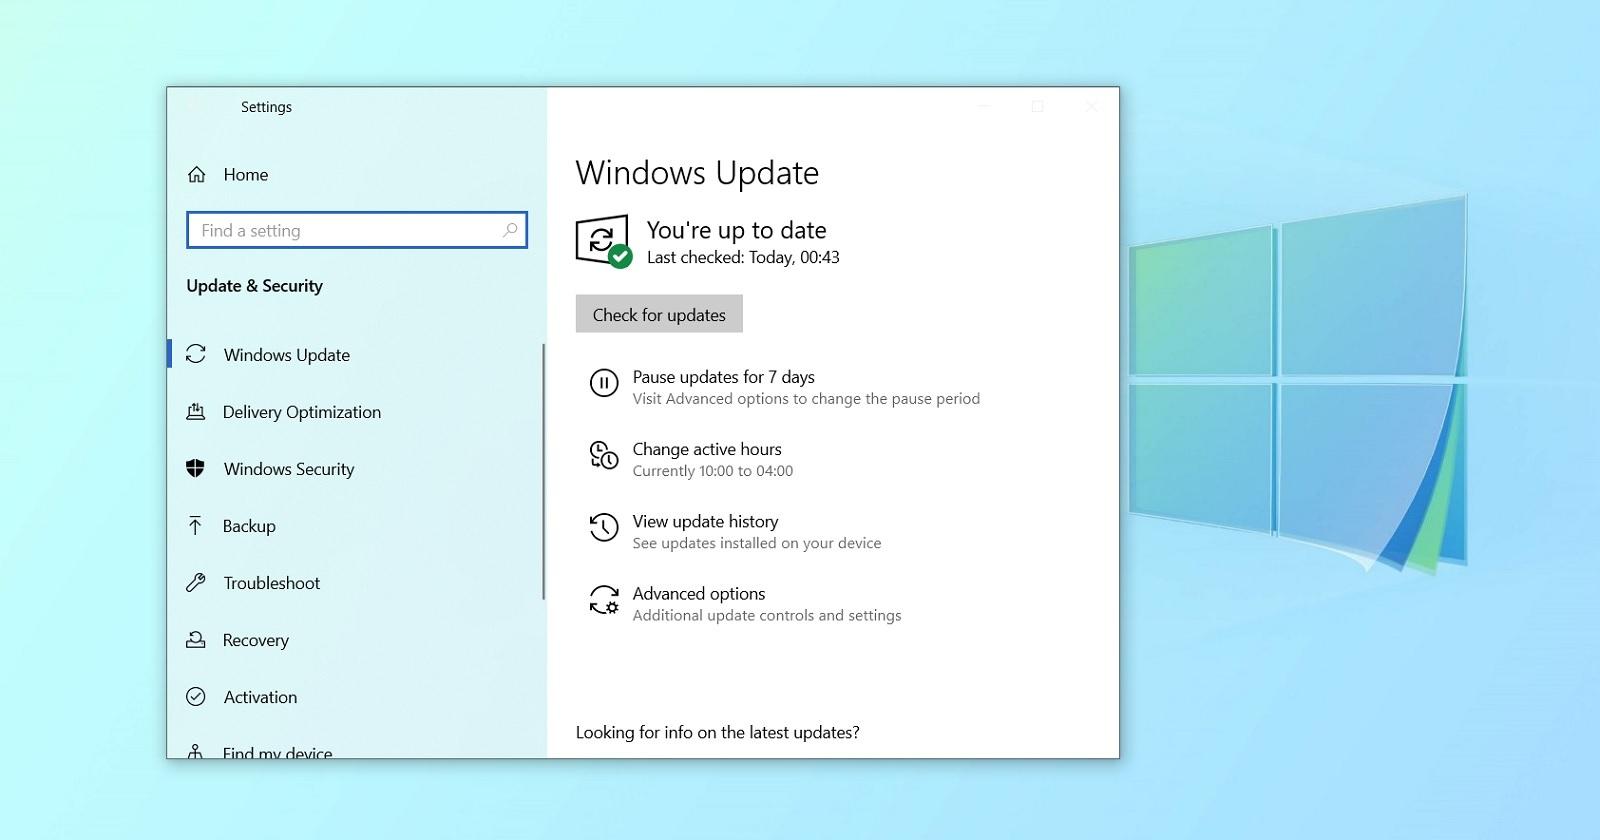 微软承认Win10存在一系列新问题 计划尽快修复程序的照片 - 2